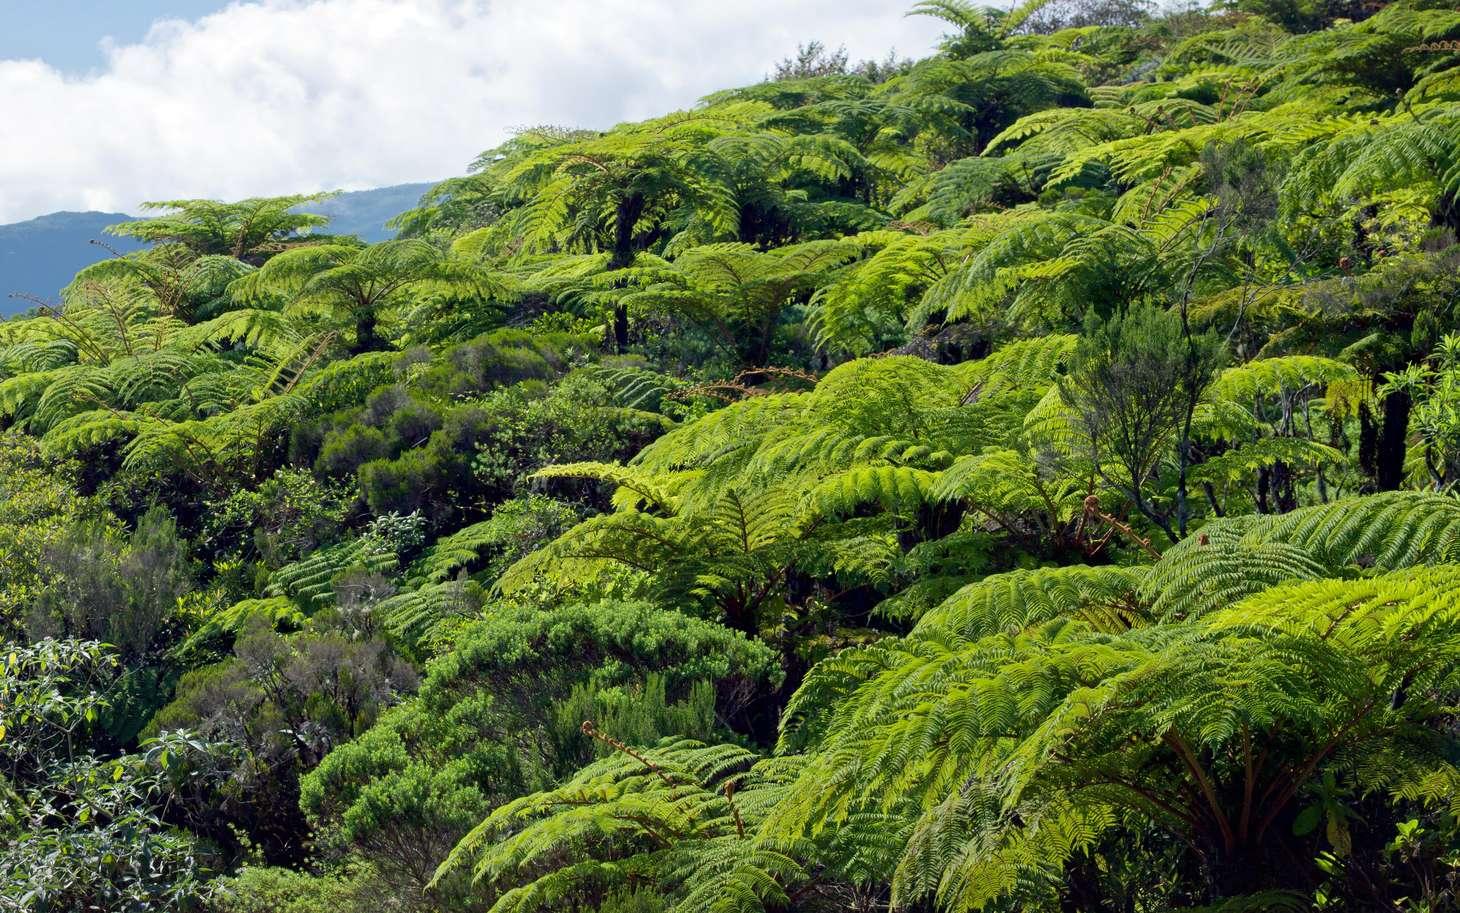 En raison des activités humaines, les plantes disparaissent à un rythme 500 fois supérieur à la normale. Forêt de fougères arborescentes sur l'Île de la Réunion. © Frog974, Fotolia